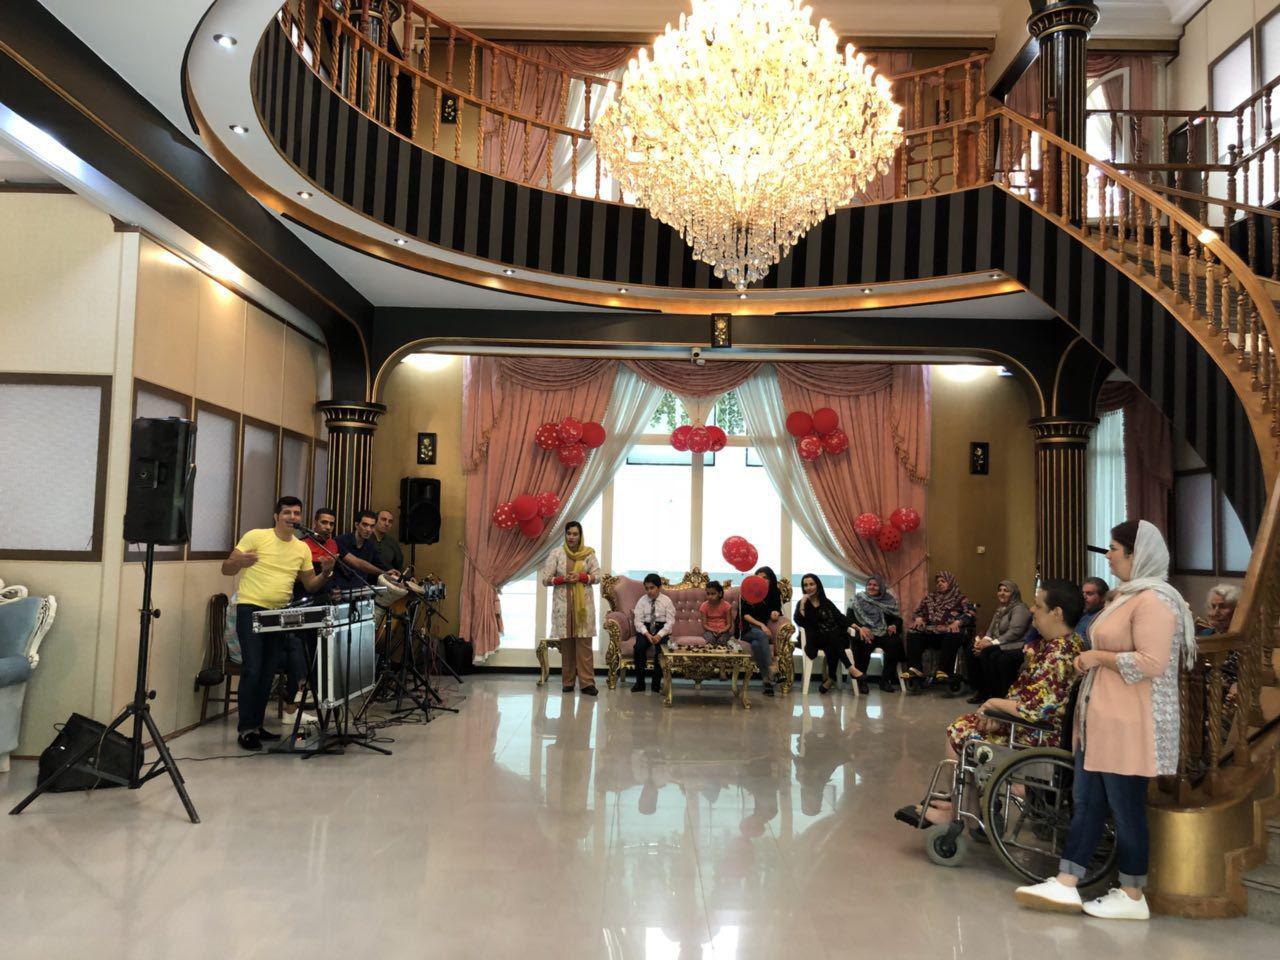 خانه سالمندان در پاسداران تهران